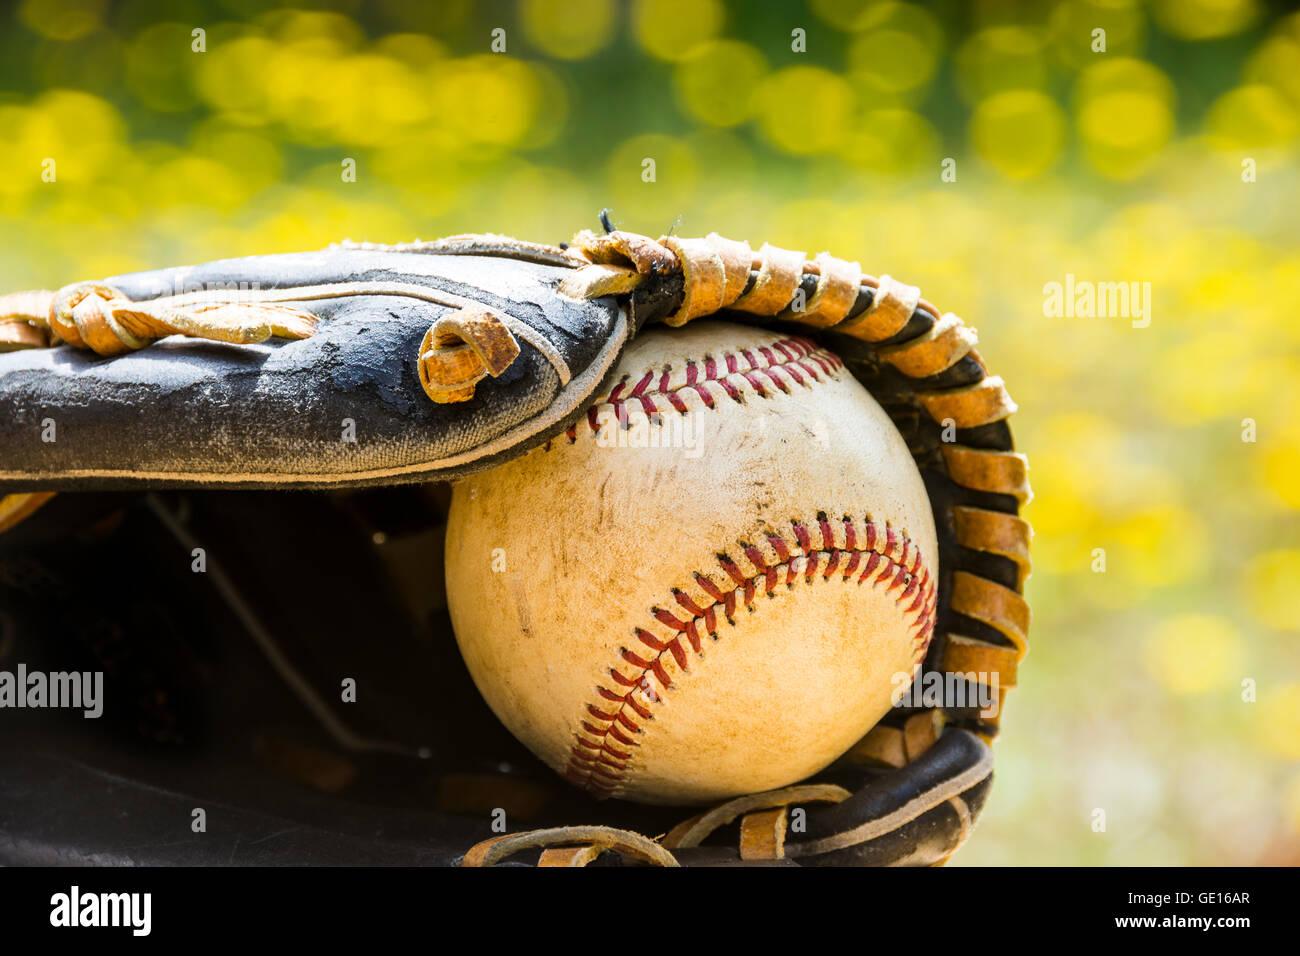 Un vieux baseball usé à l'intérieur repose un vieux gant de baseball contre été haut Photo Stock